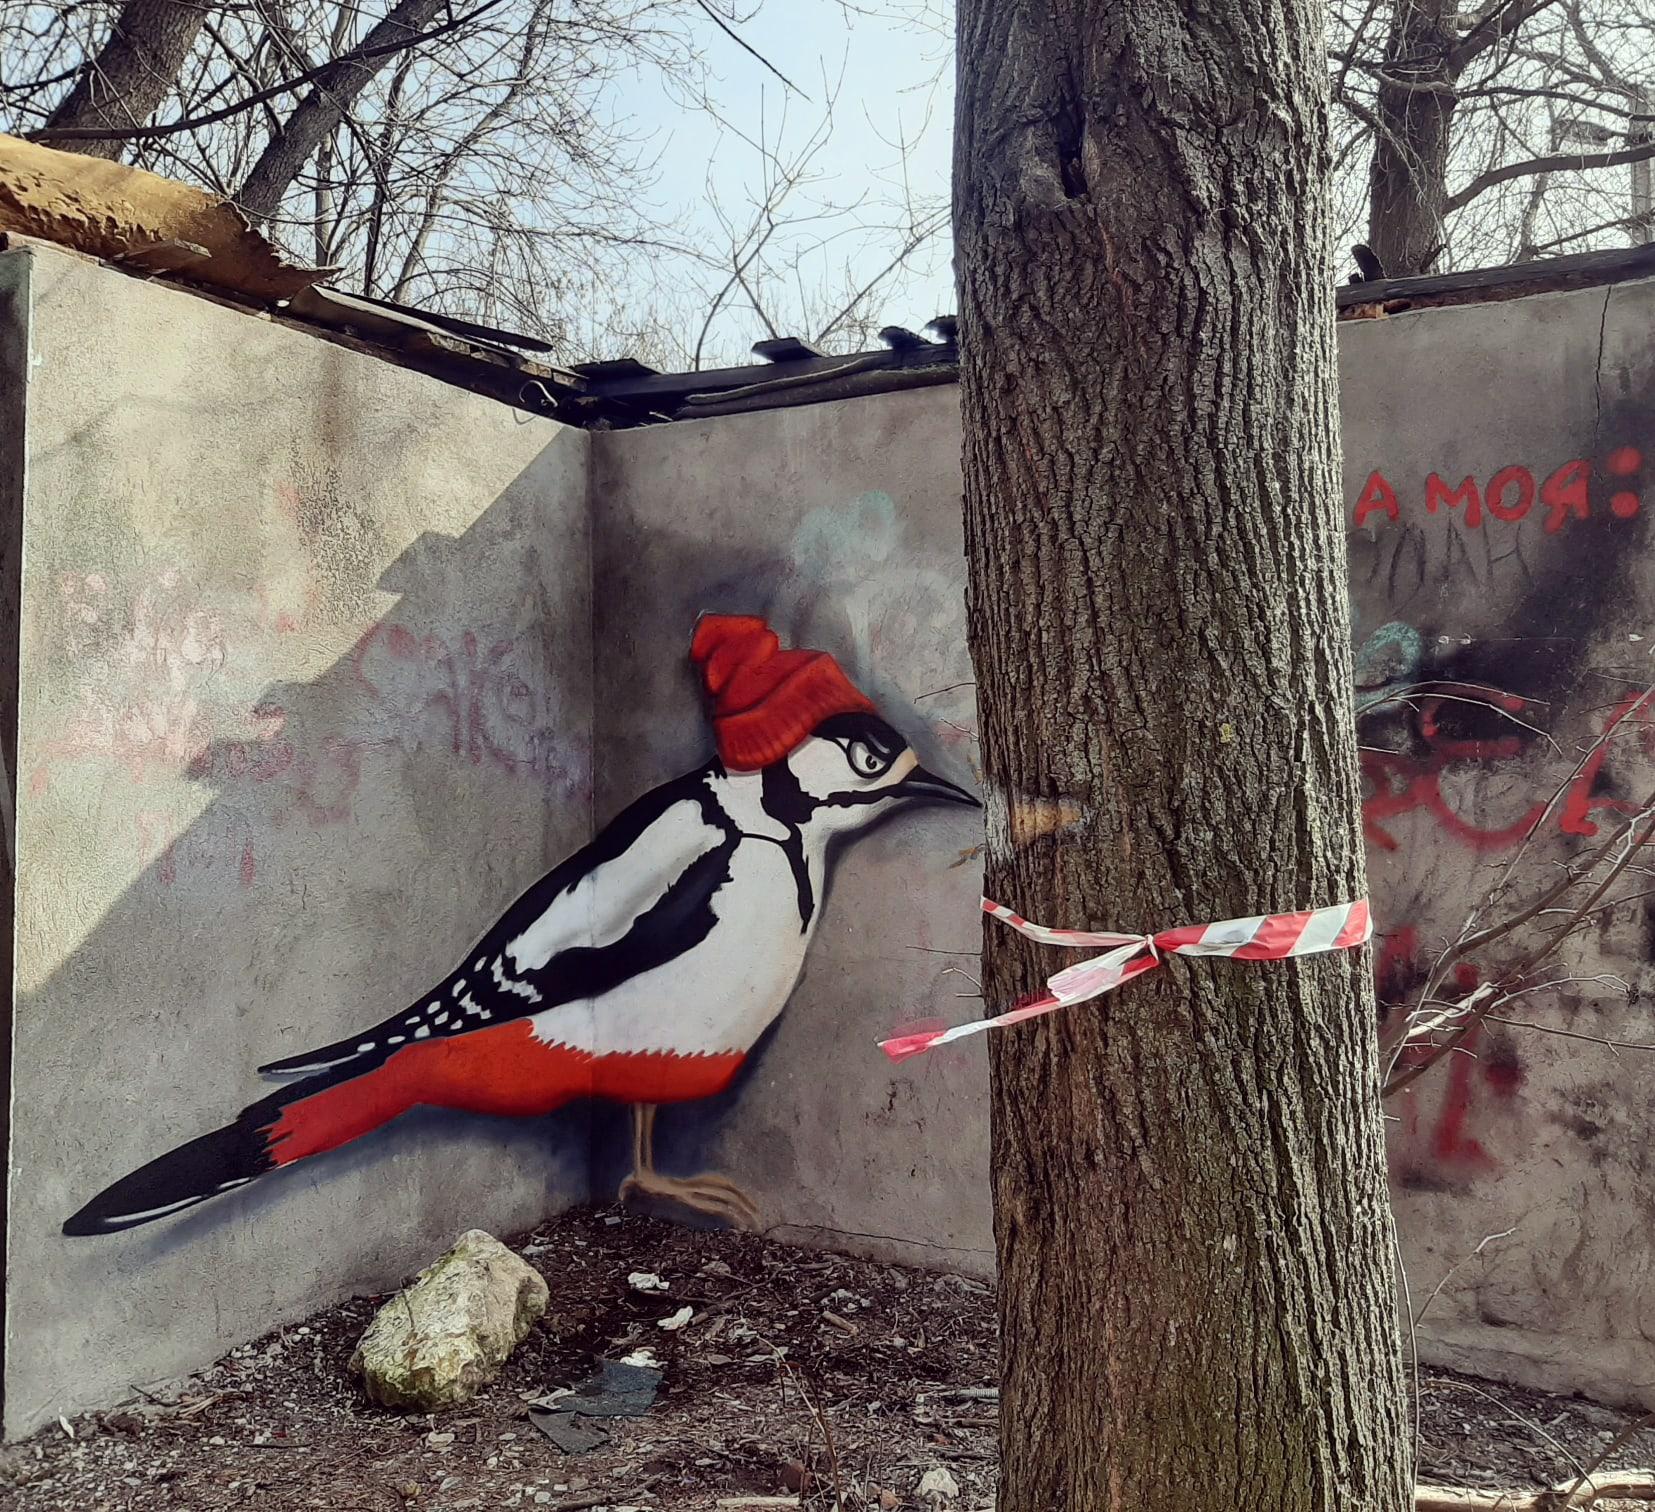 В Твери появилось красивое граффити с интересным визуальным эффектом